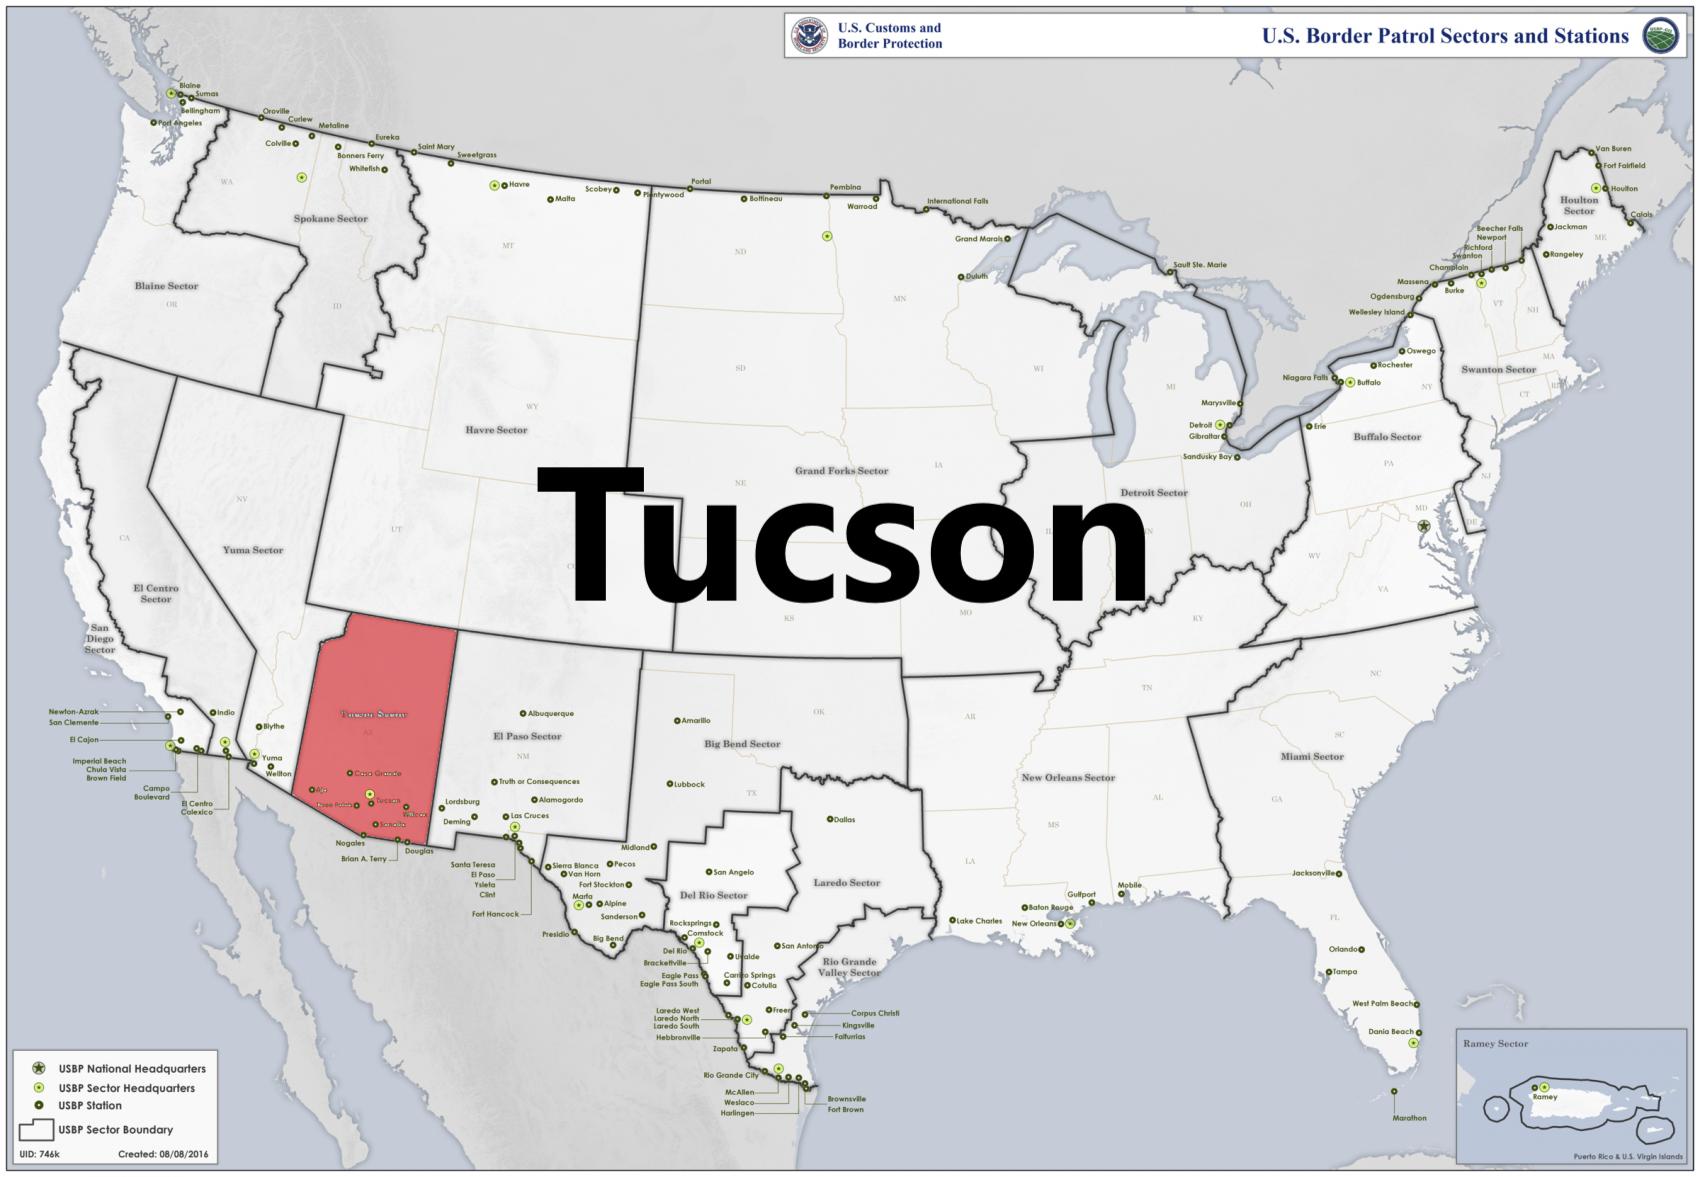 Border patrol sectors map - Tucson.png